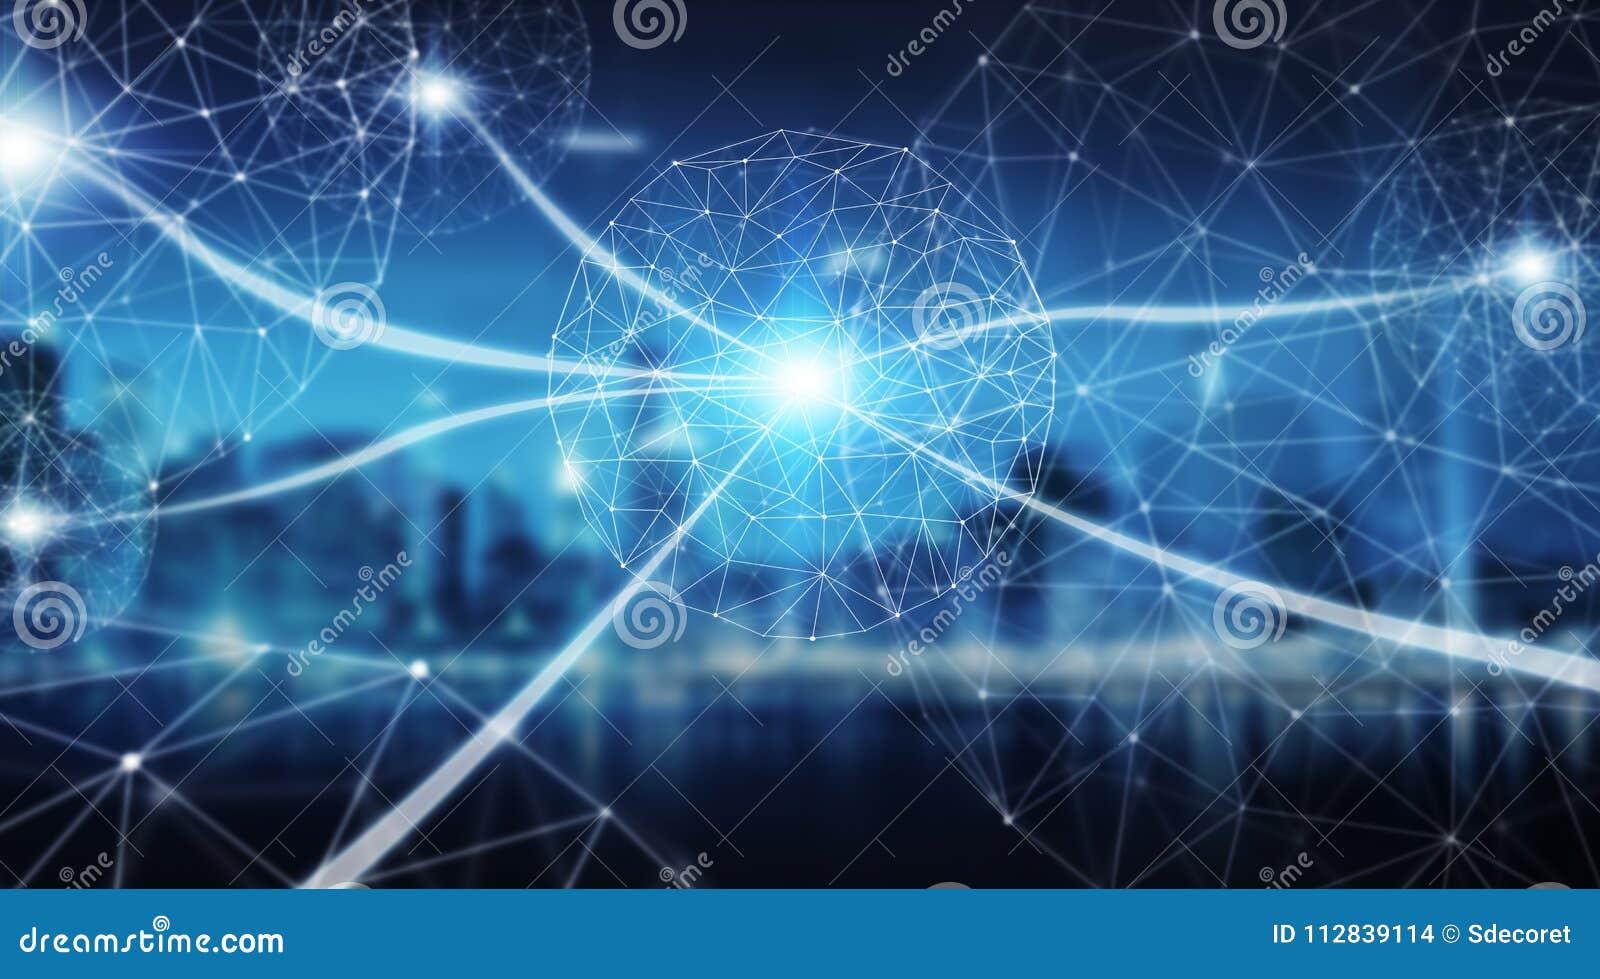 Esfera del sistema de las conexiones y representación de los intercambios de datos 3D